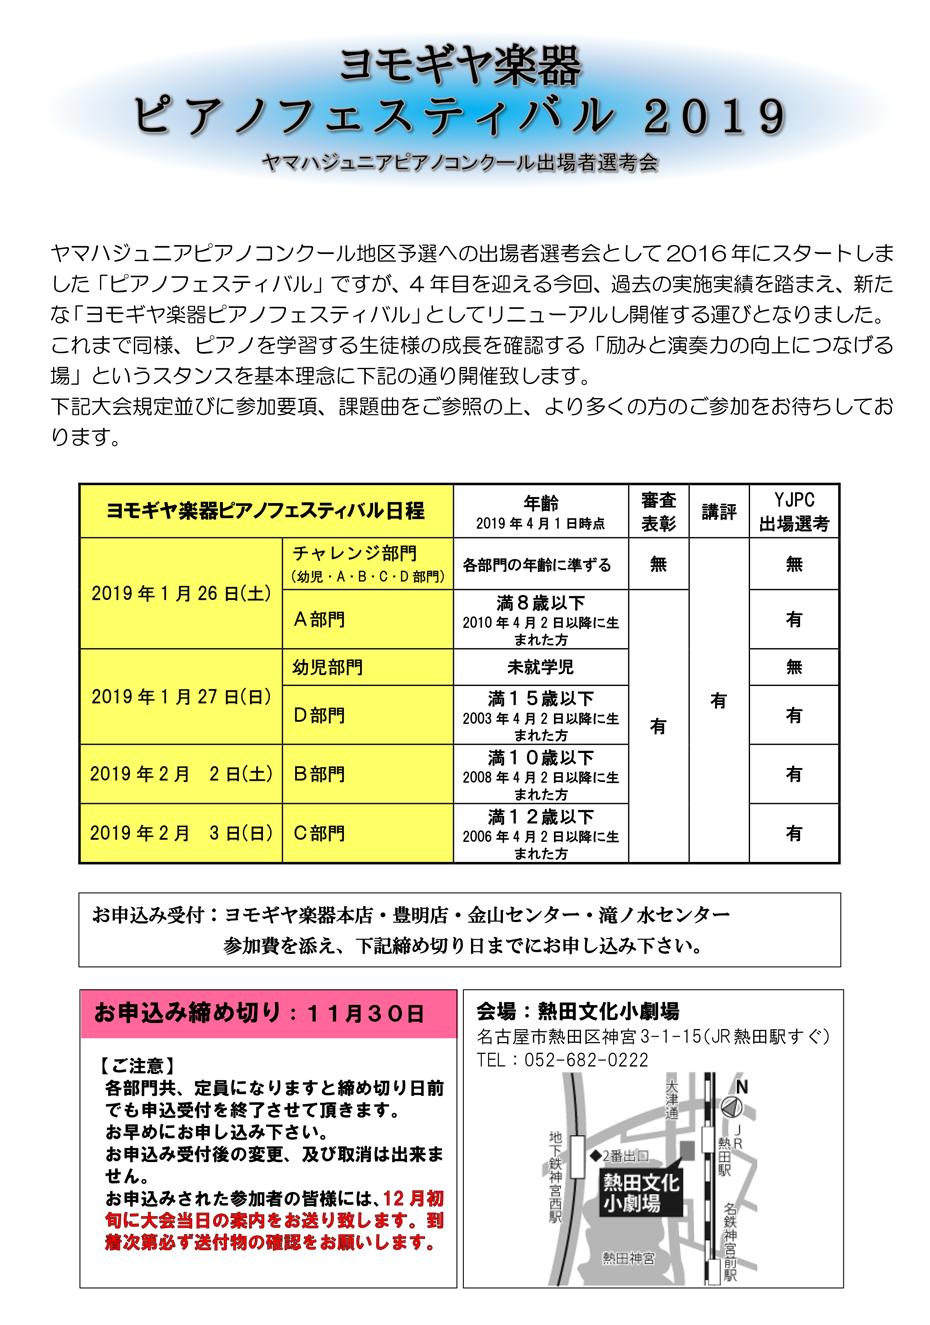 pf2019_yomogiya